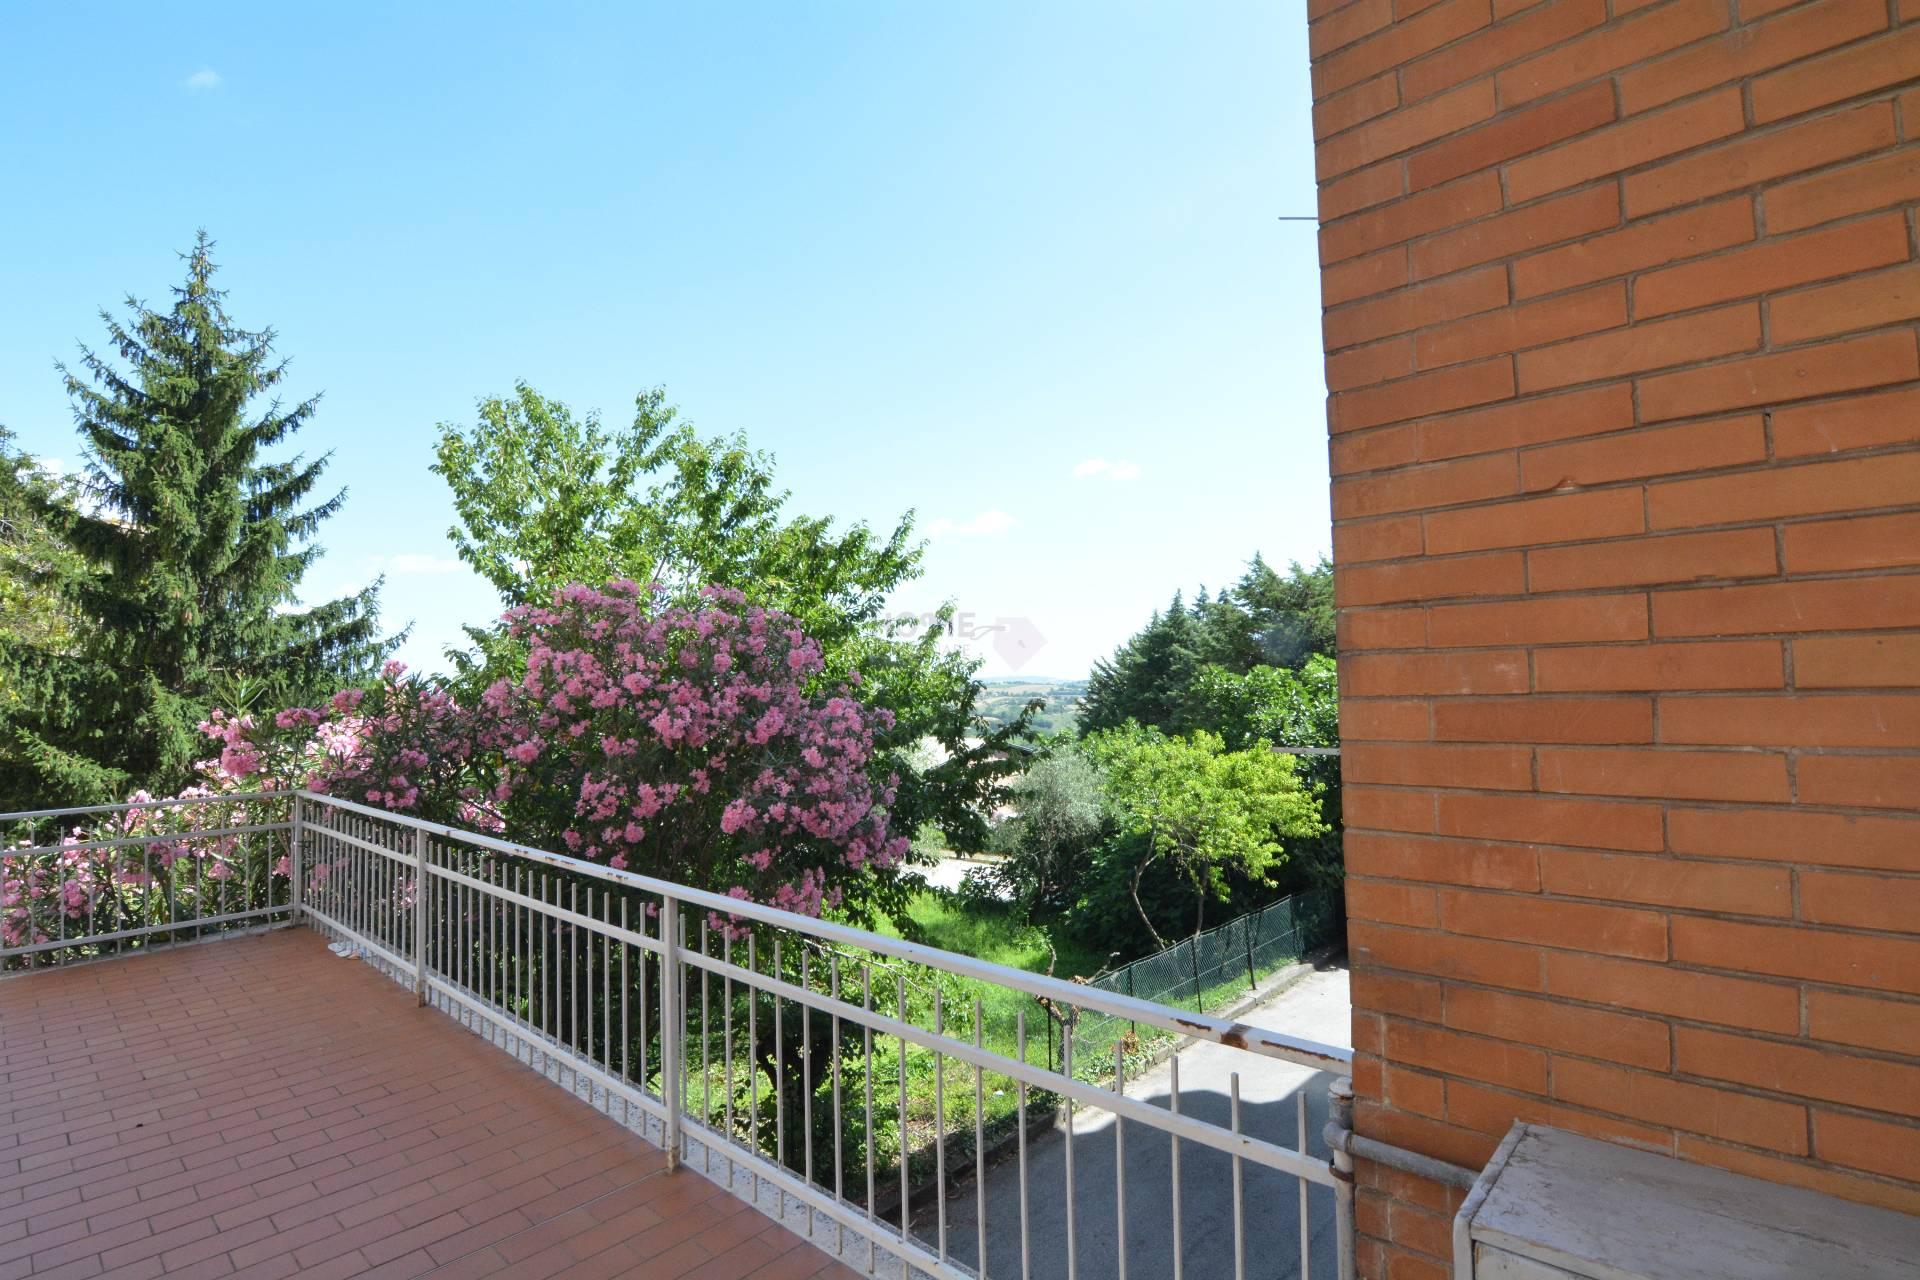 Appartamento in vendita a Macerata, 5 locali, zona Zona: Semicentrale, prezzo € 85.000 | Cambio Casa.it